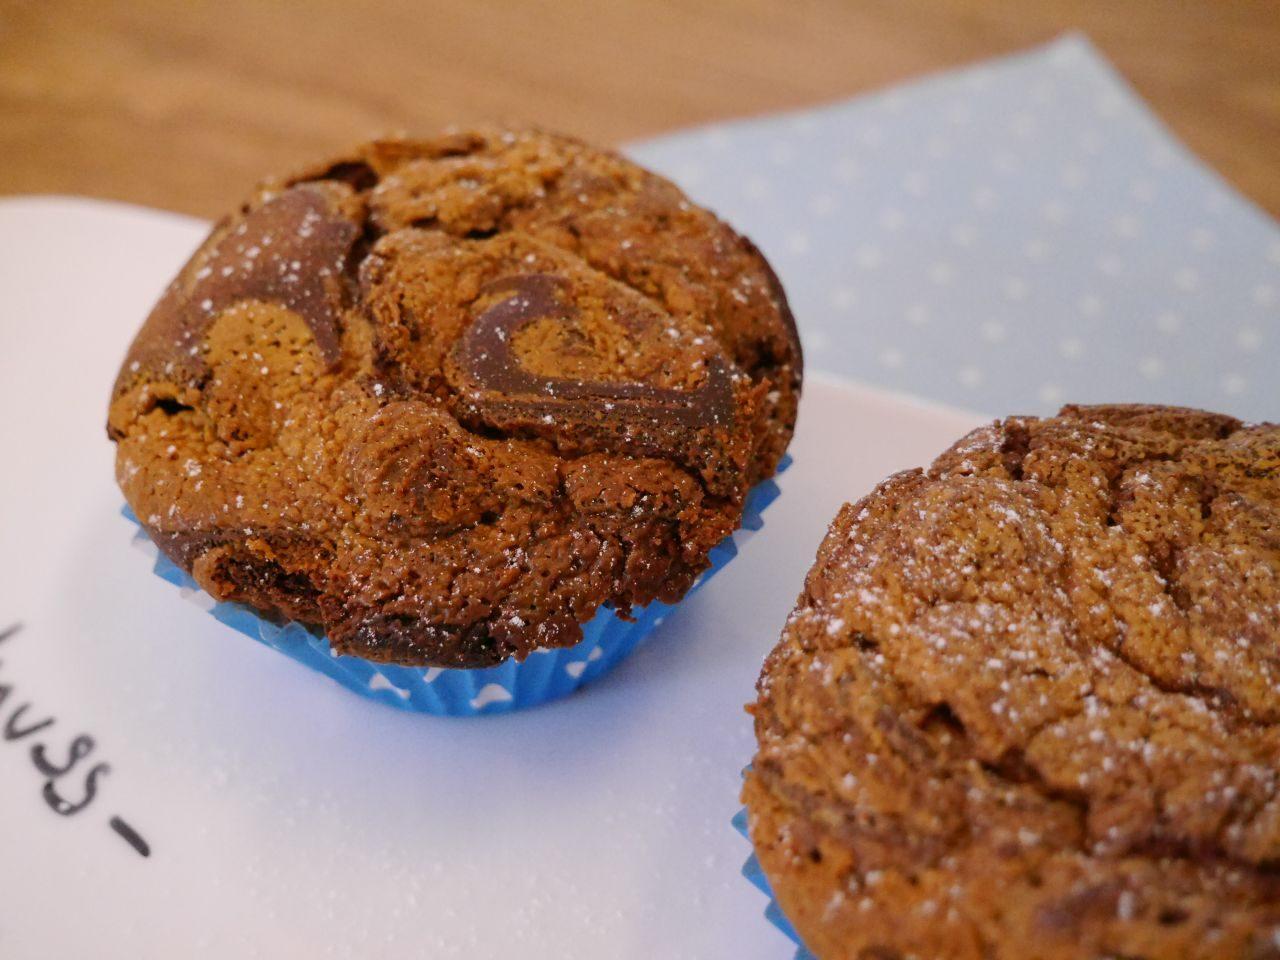 köln beste backen erdnuss schoko muffins 2